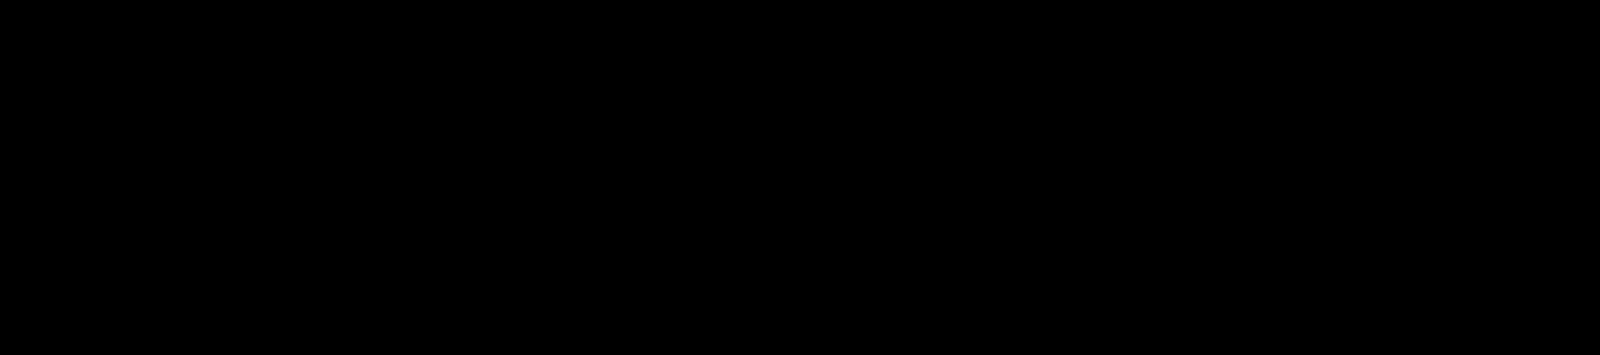 Verträumt